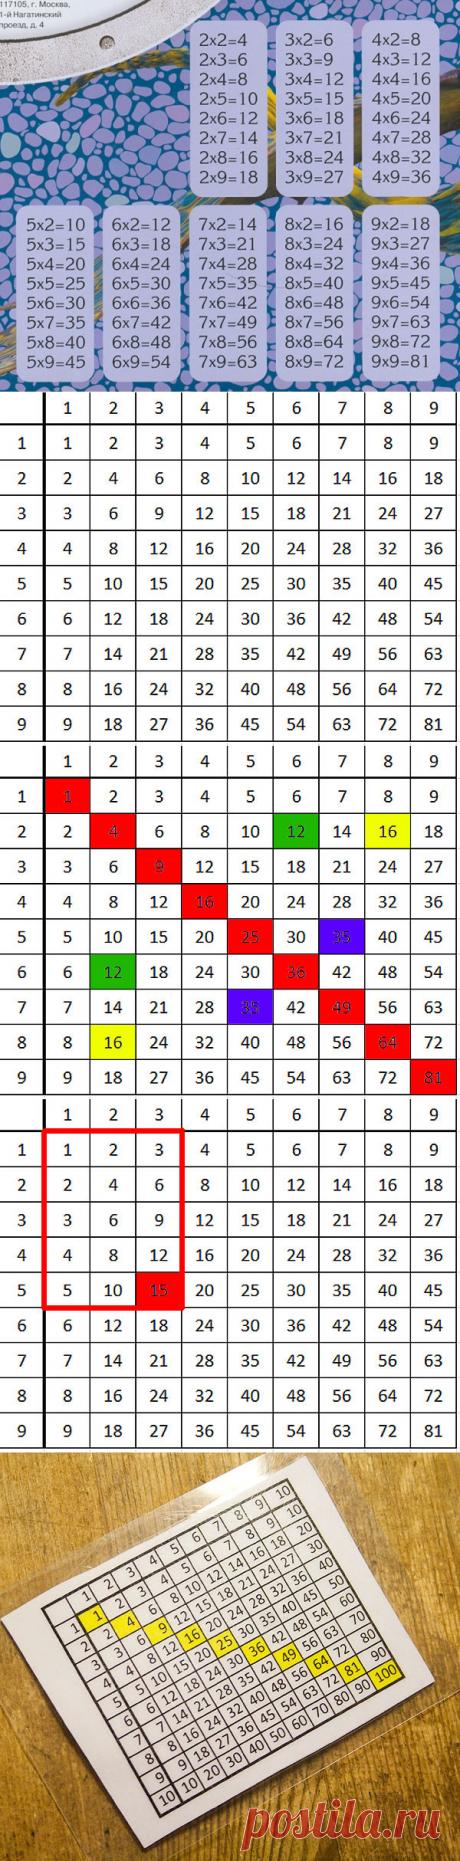 Интересные свойства таблицы умножения: мы бы знали математику назубок